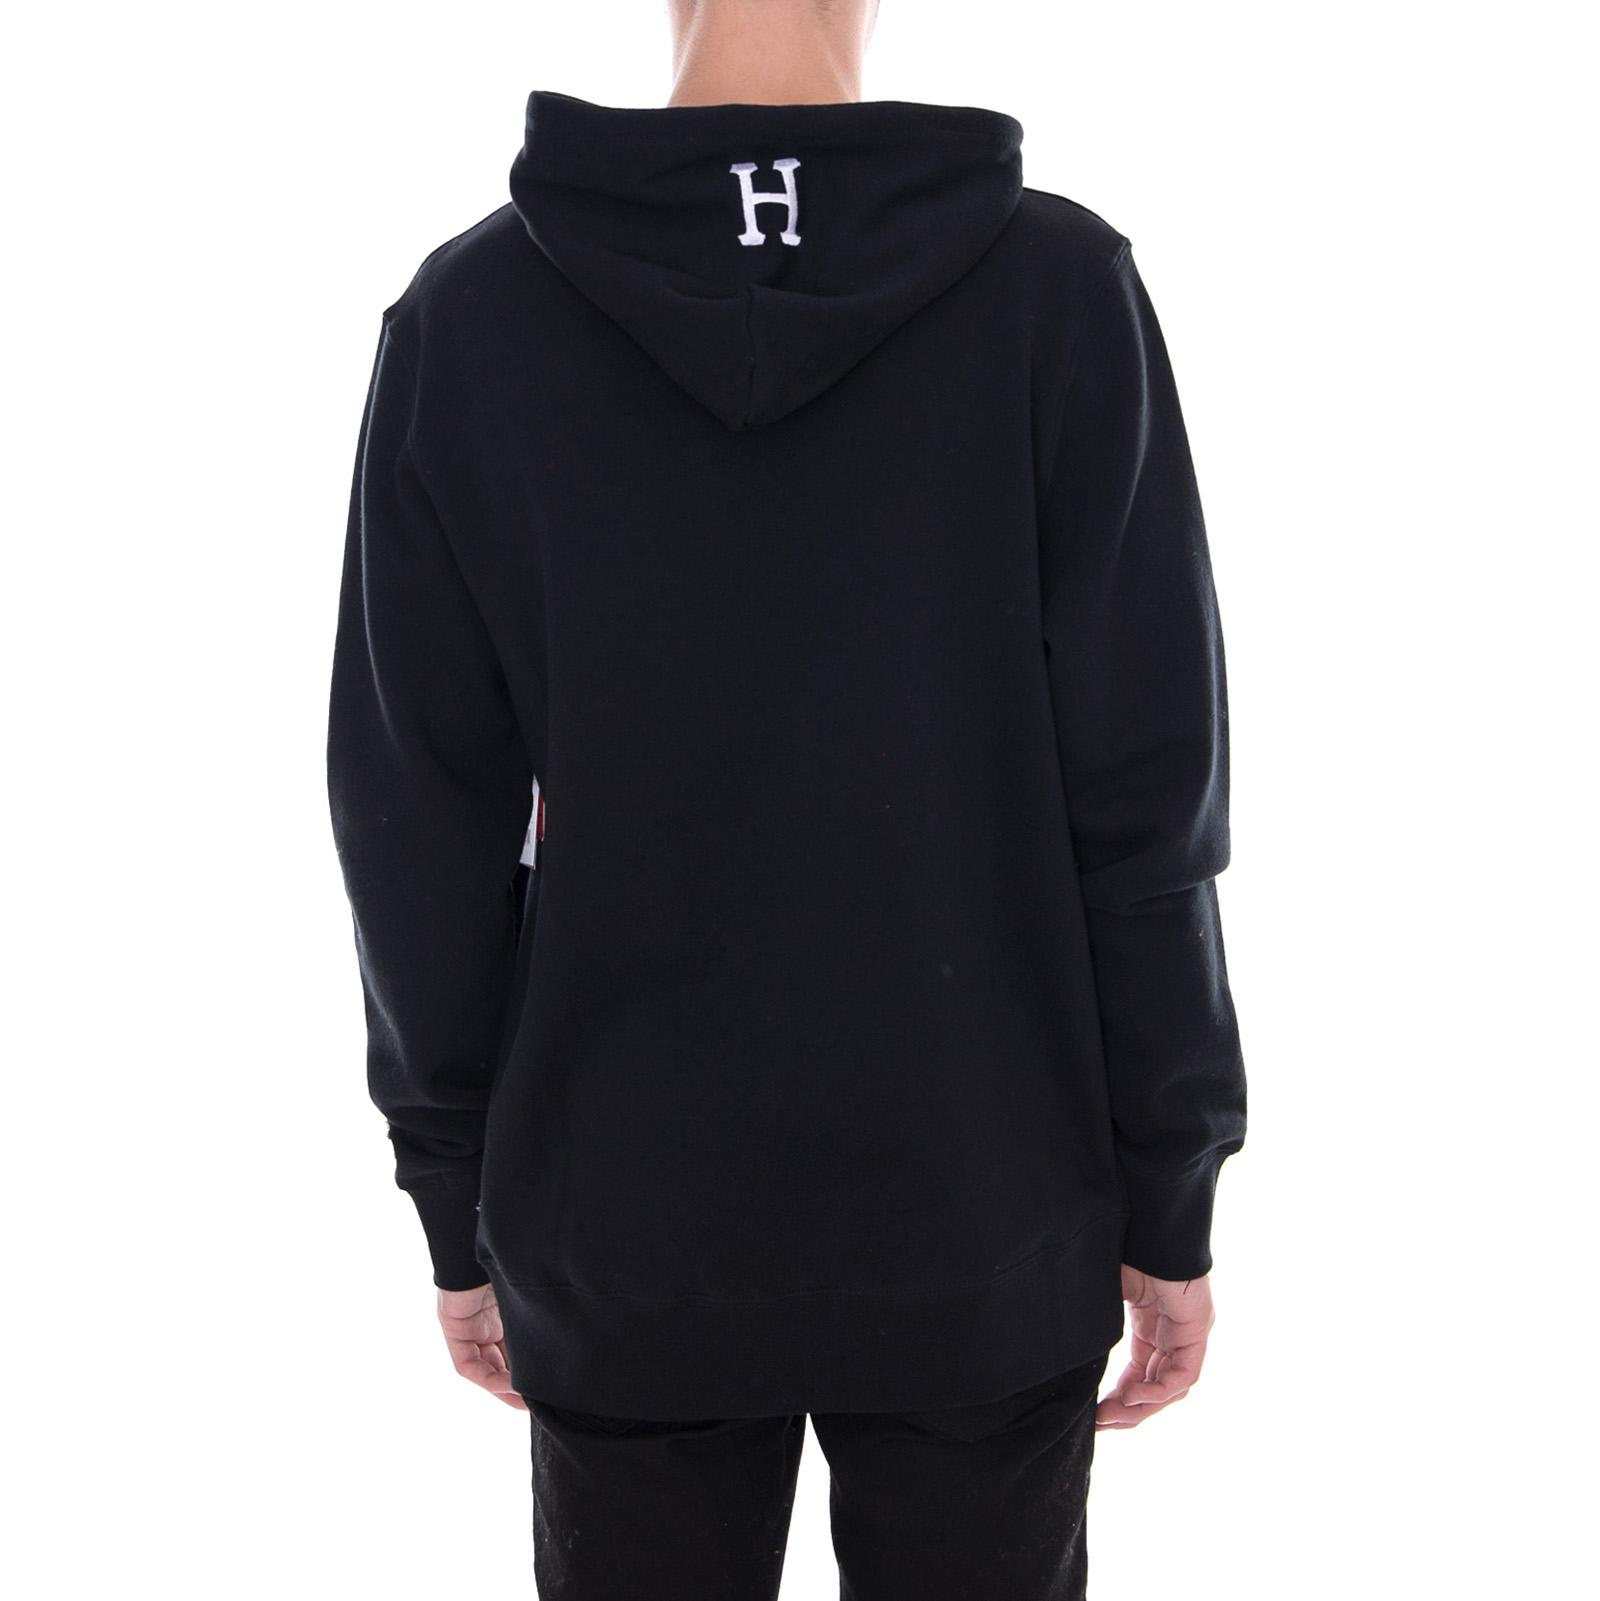 Loves Huf P Zwart Hoodie Peanuts Sweatshirts of Me ZxqnBa7w